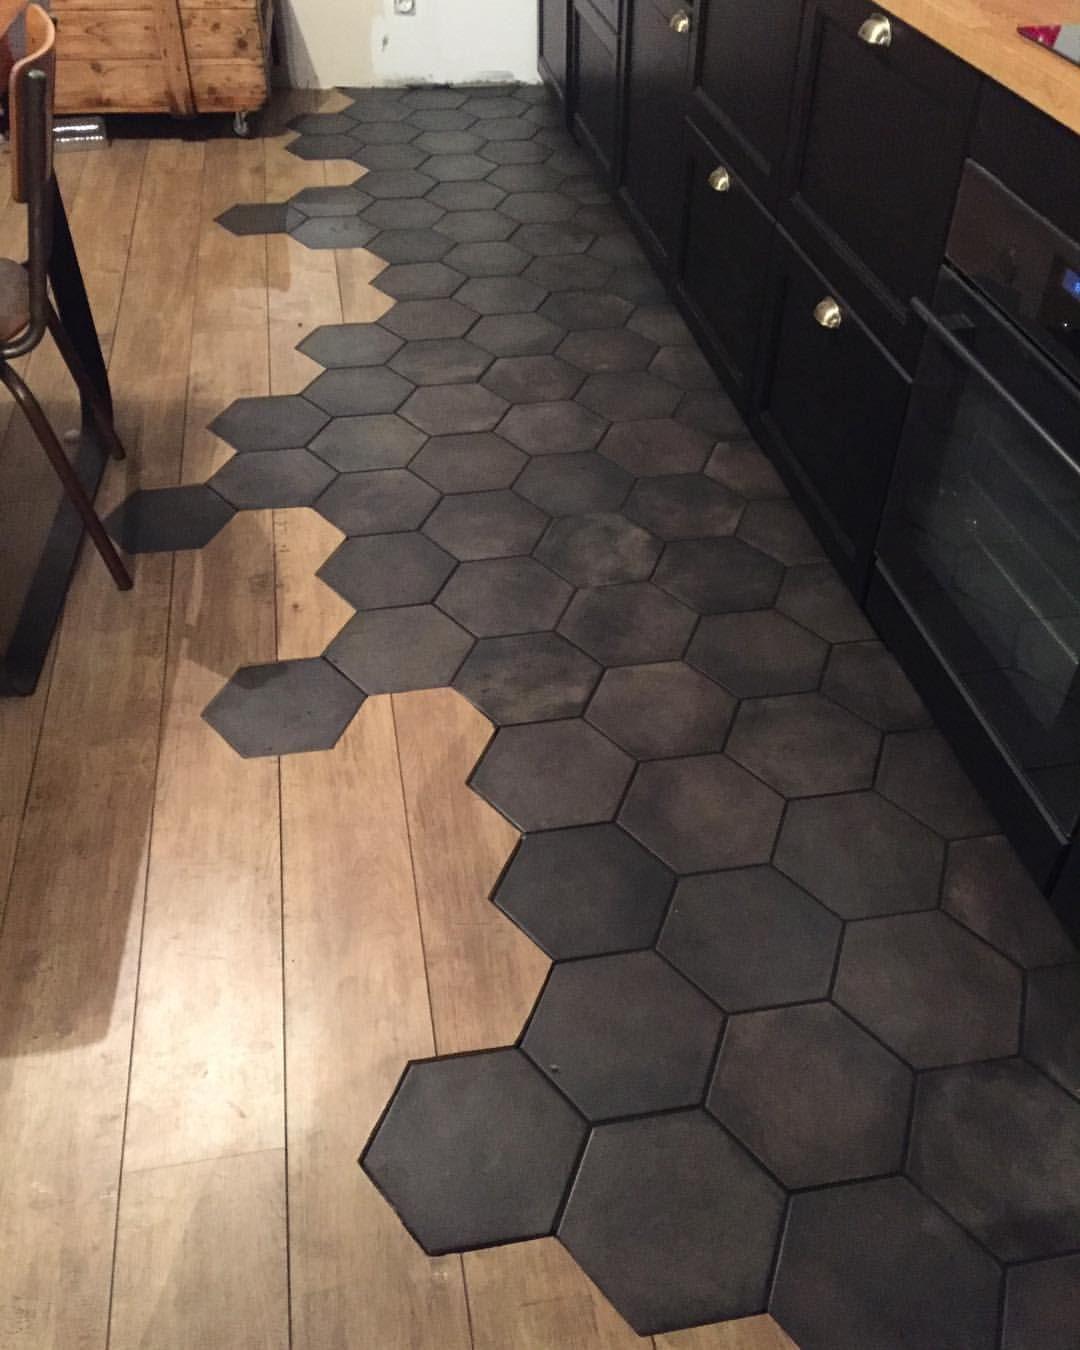 Transition Wood Floor To Tile Ideas: Les Joints De Carrelage De La Cuisine Sont ENFIN Faits